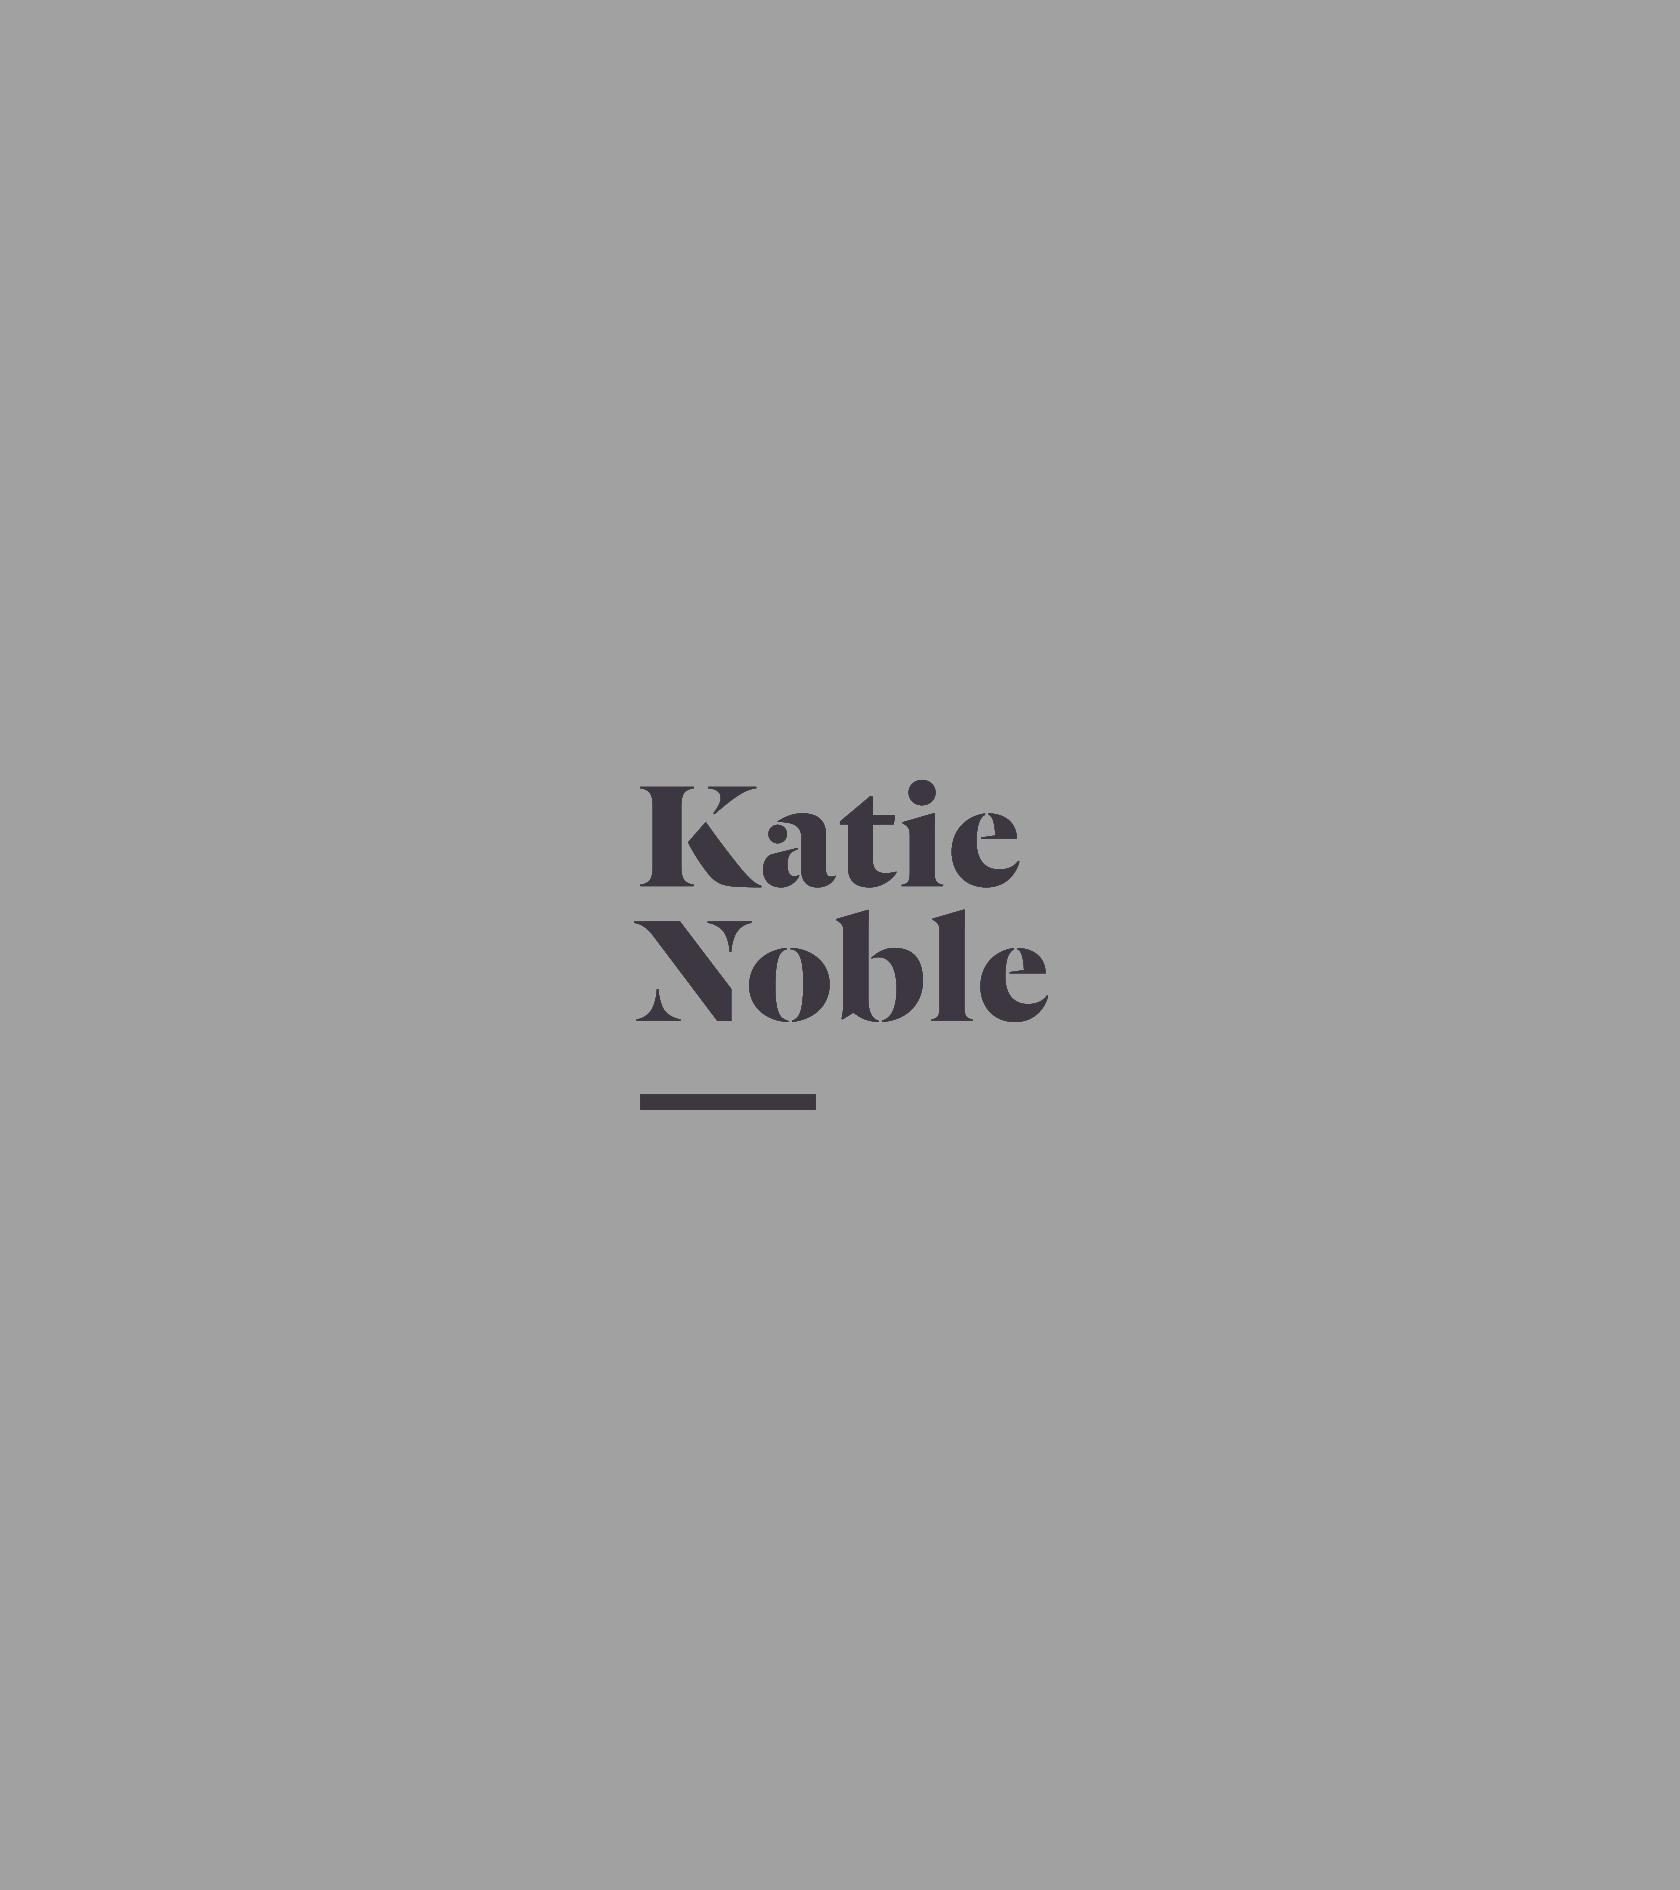 Katie Noble Logotype